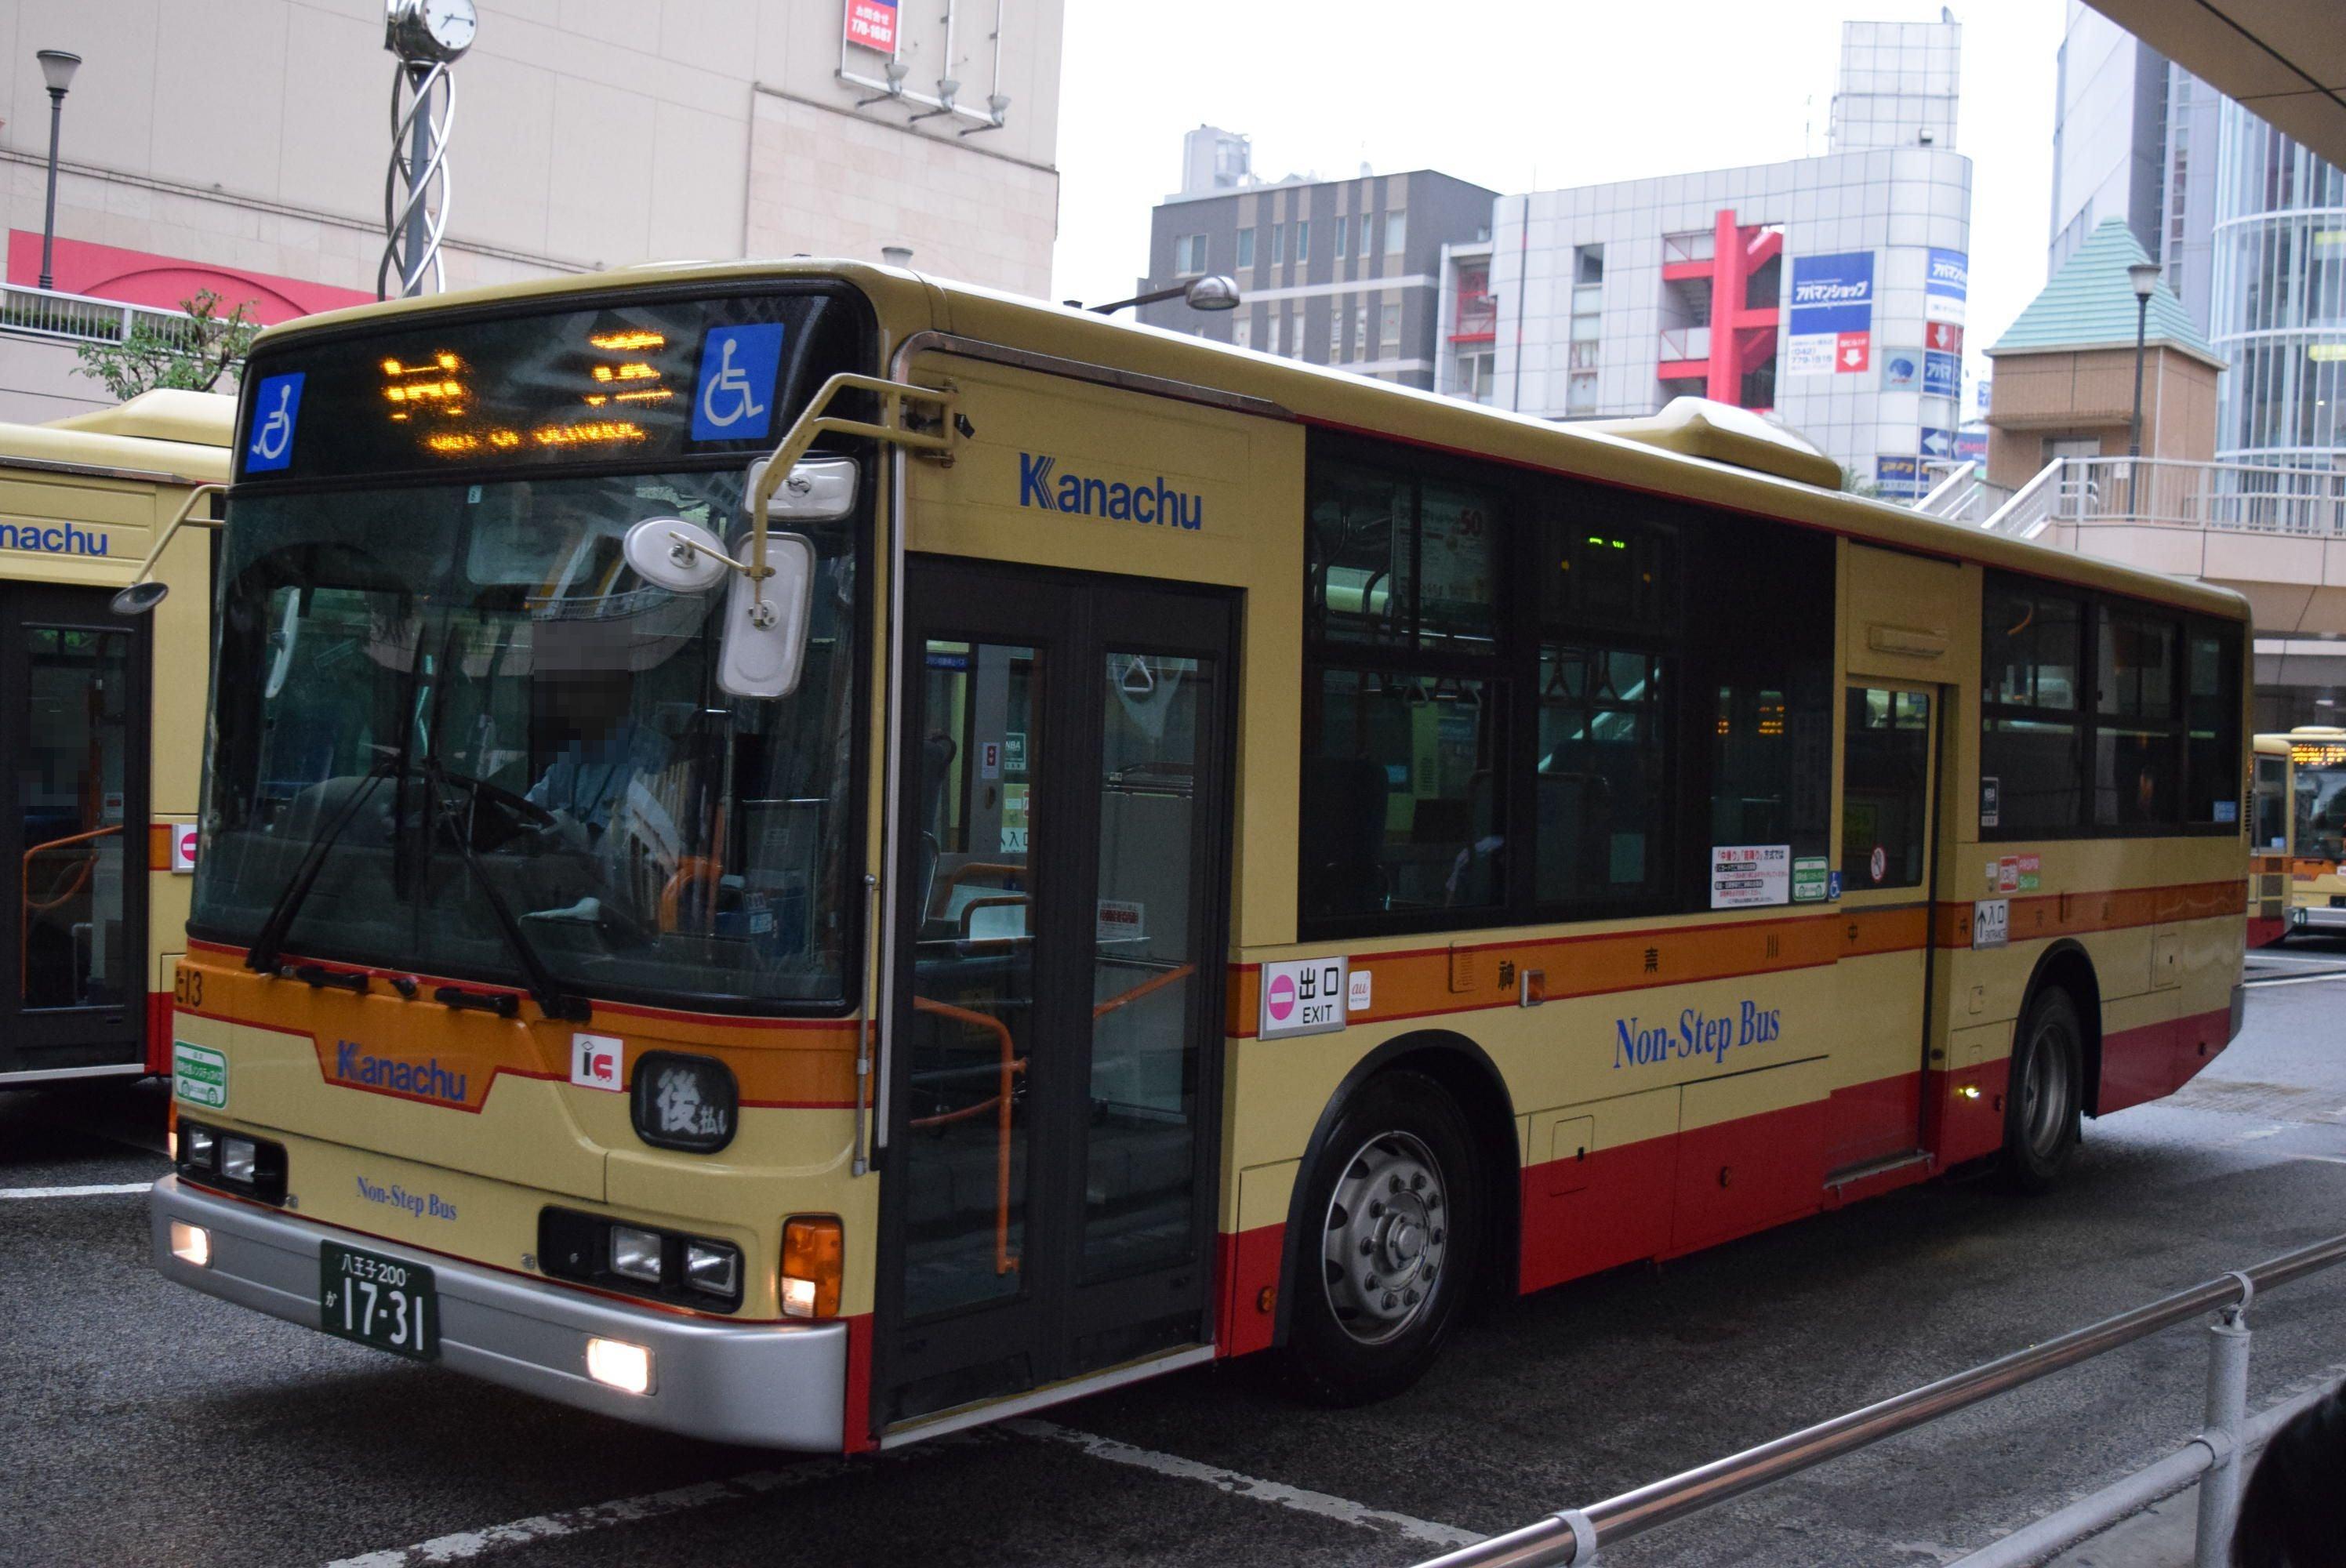 神奈川 中央 交通 定期 定期券について 運賃・各種割引乗車券/制度について